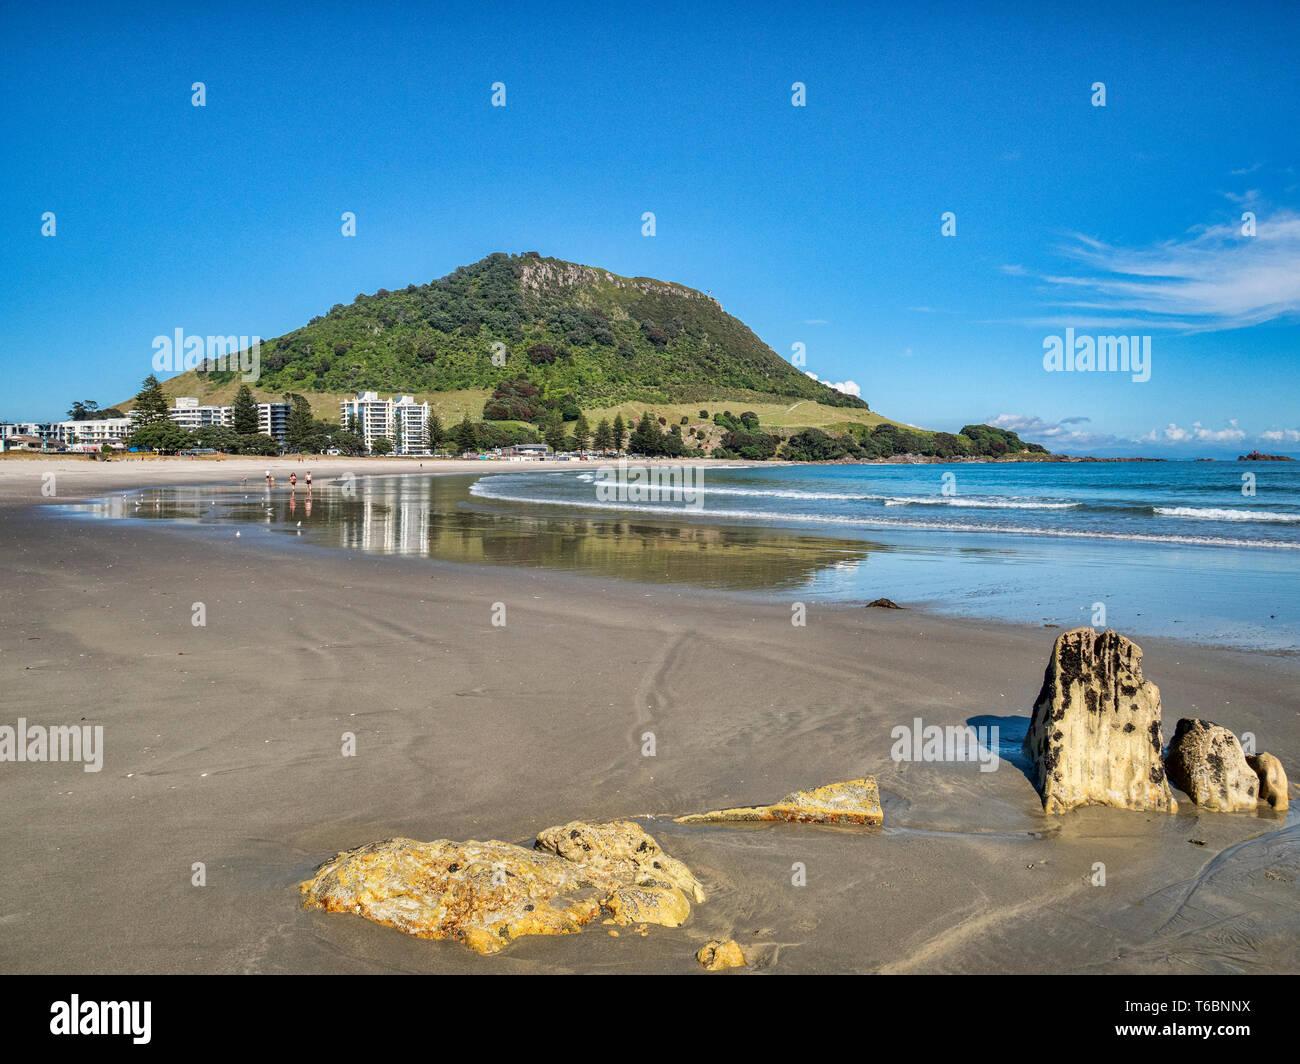 16 December 2018: Mount Maunganui, New Zealand - Mount Maunganui and the main beach Stock Photo